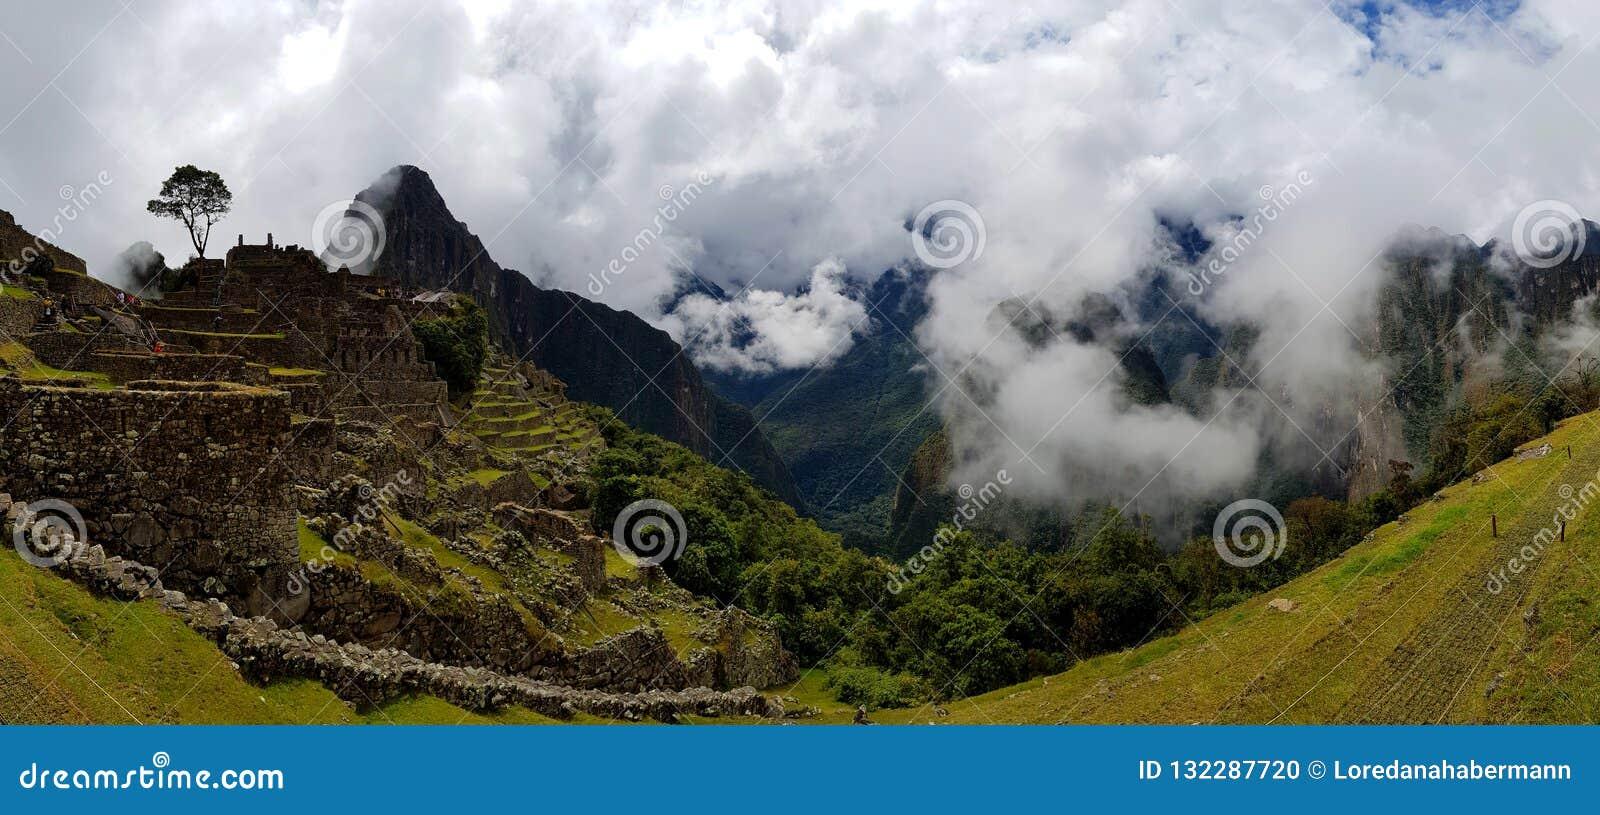 Machu Picchu, ruinas de Incnca en los Andes peruanos